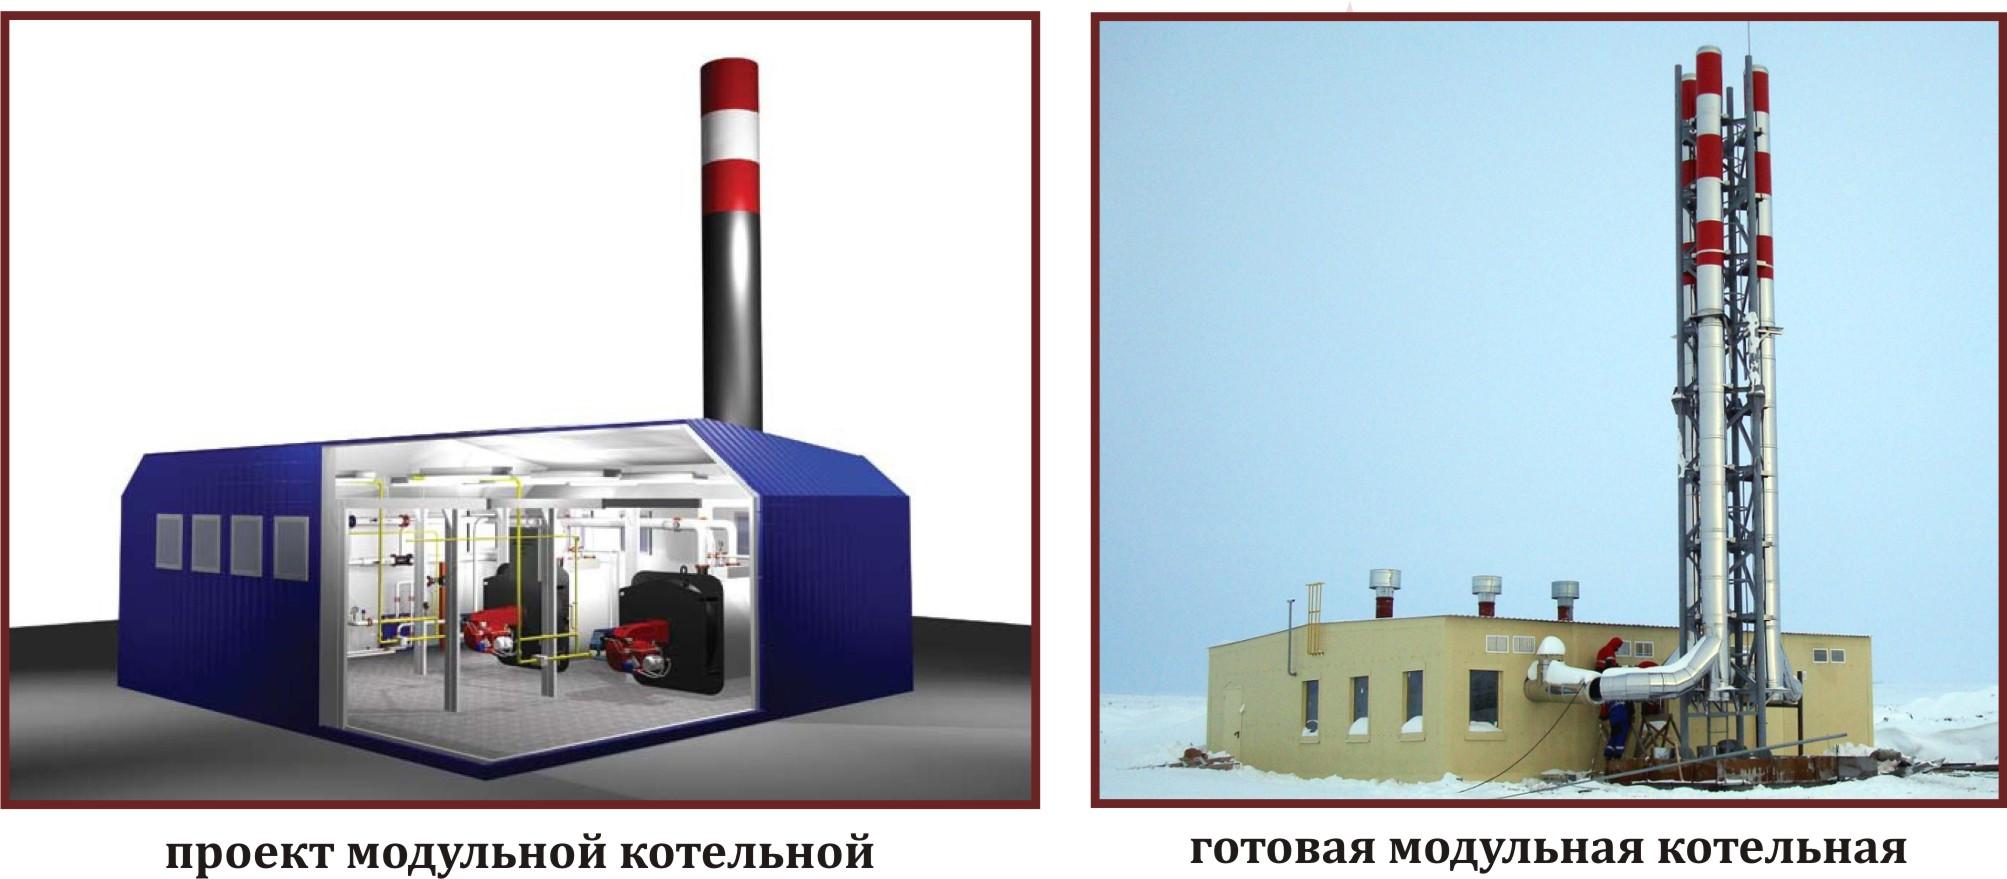 требования по пожарной безопасности к модульным котельным